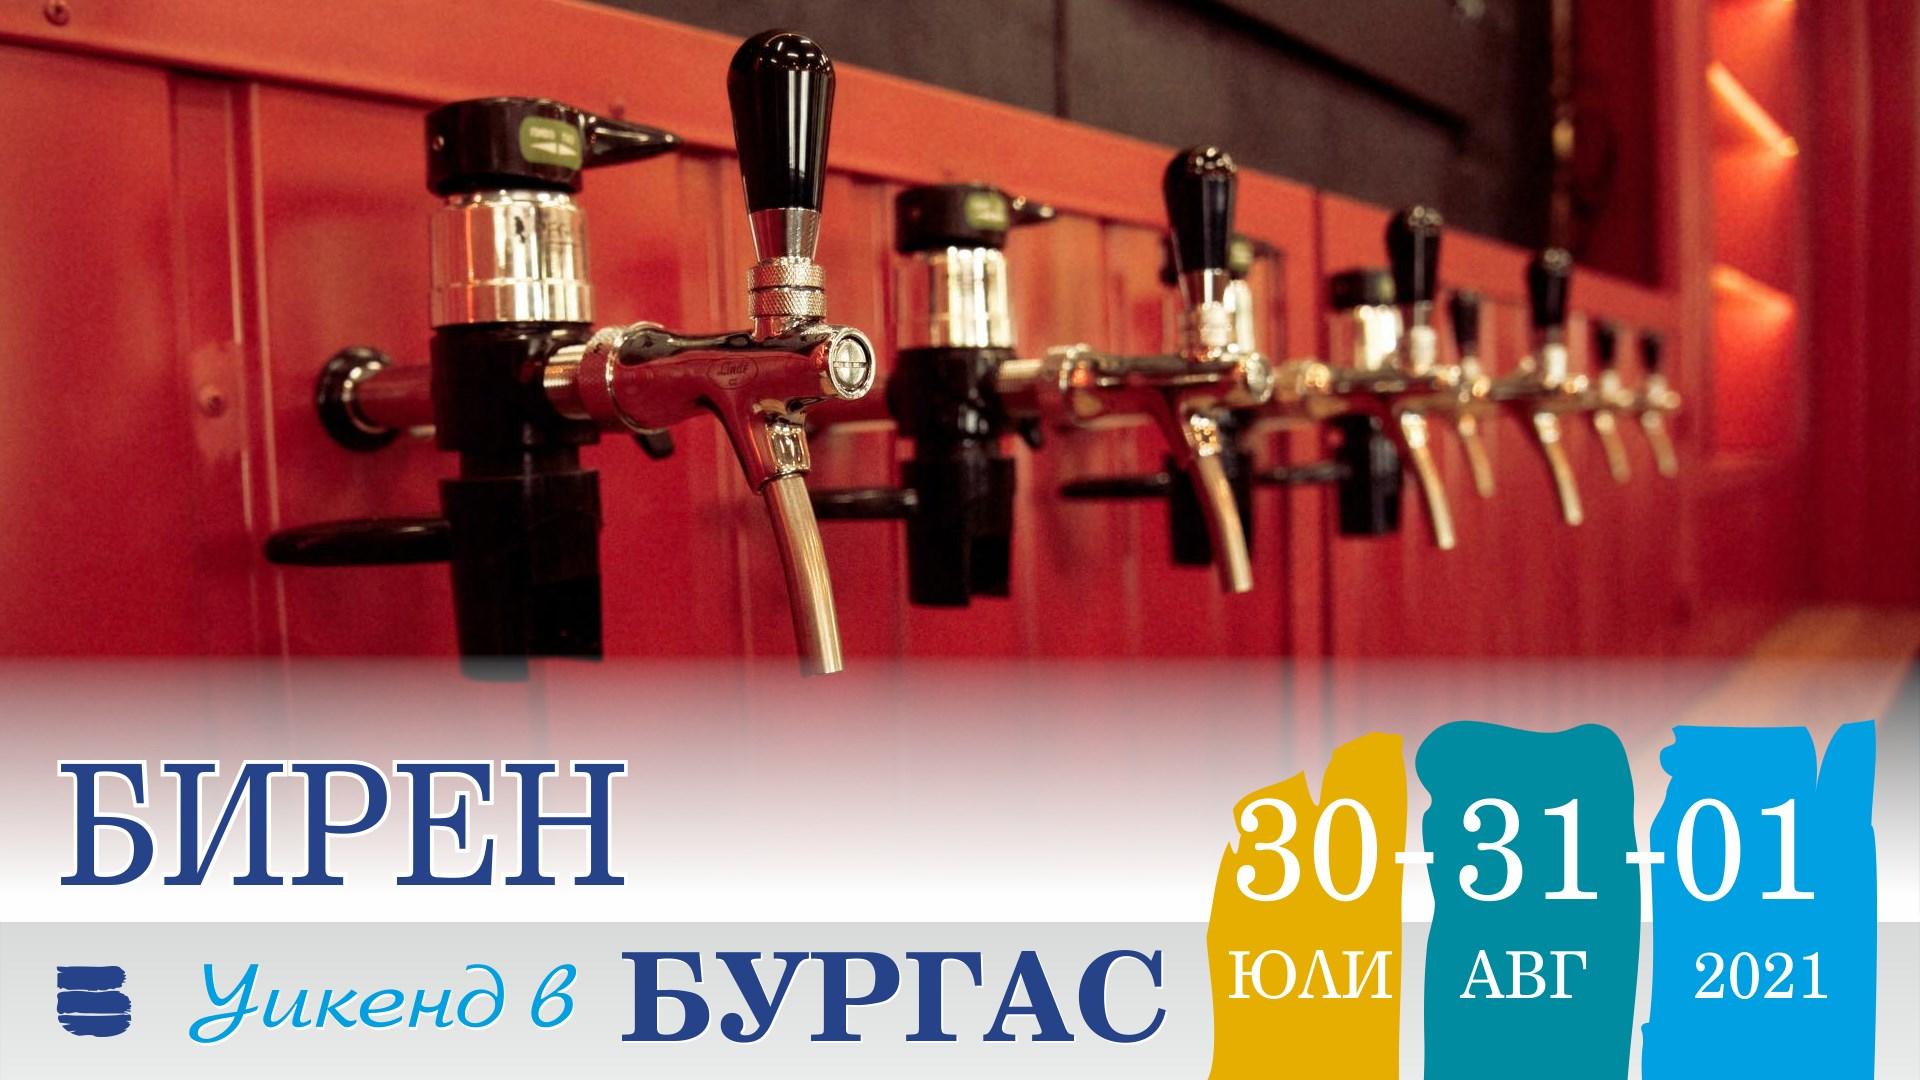 Beer weekend in Burgas July 30 - August 1